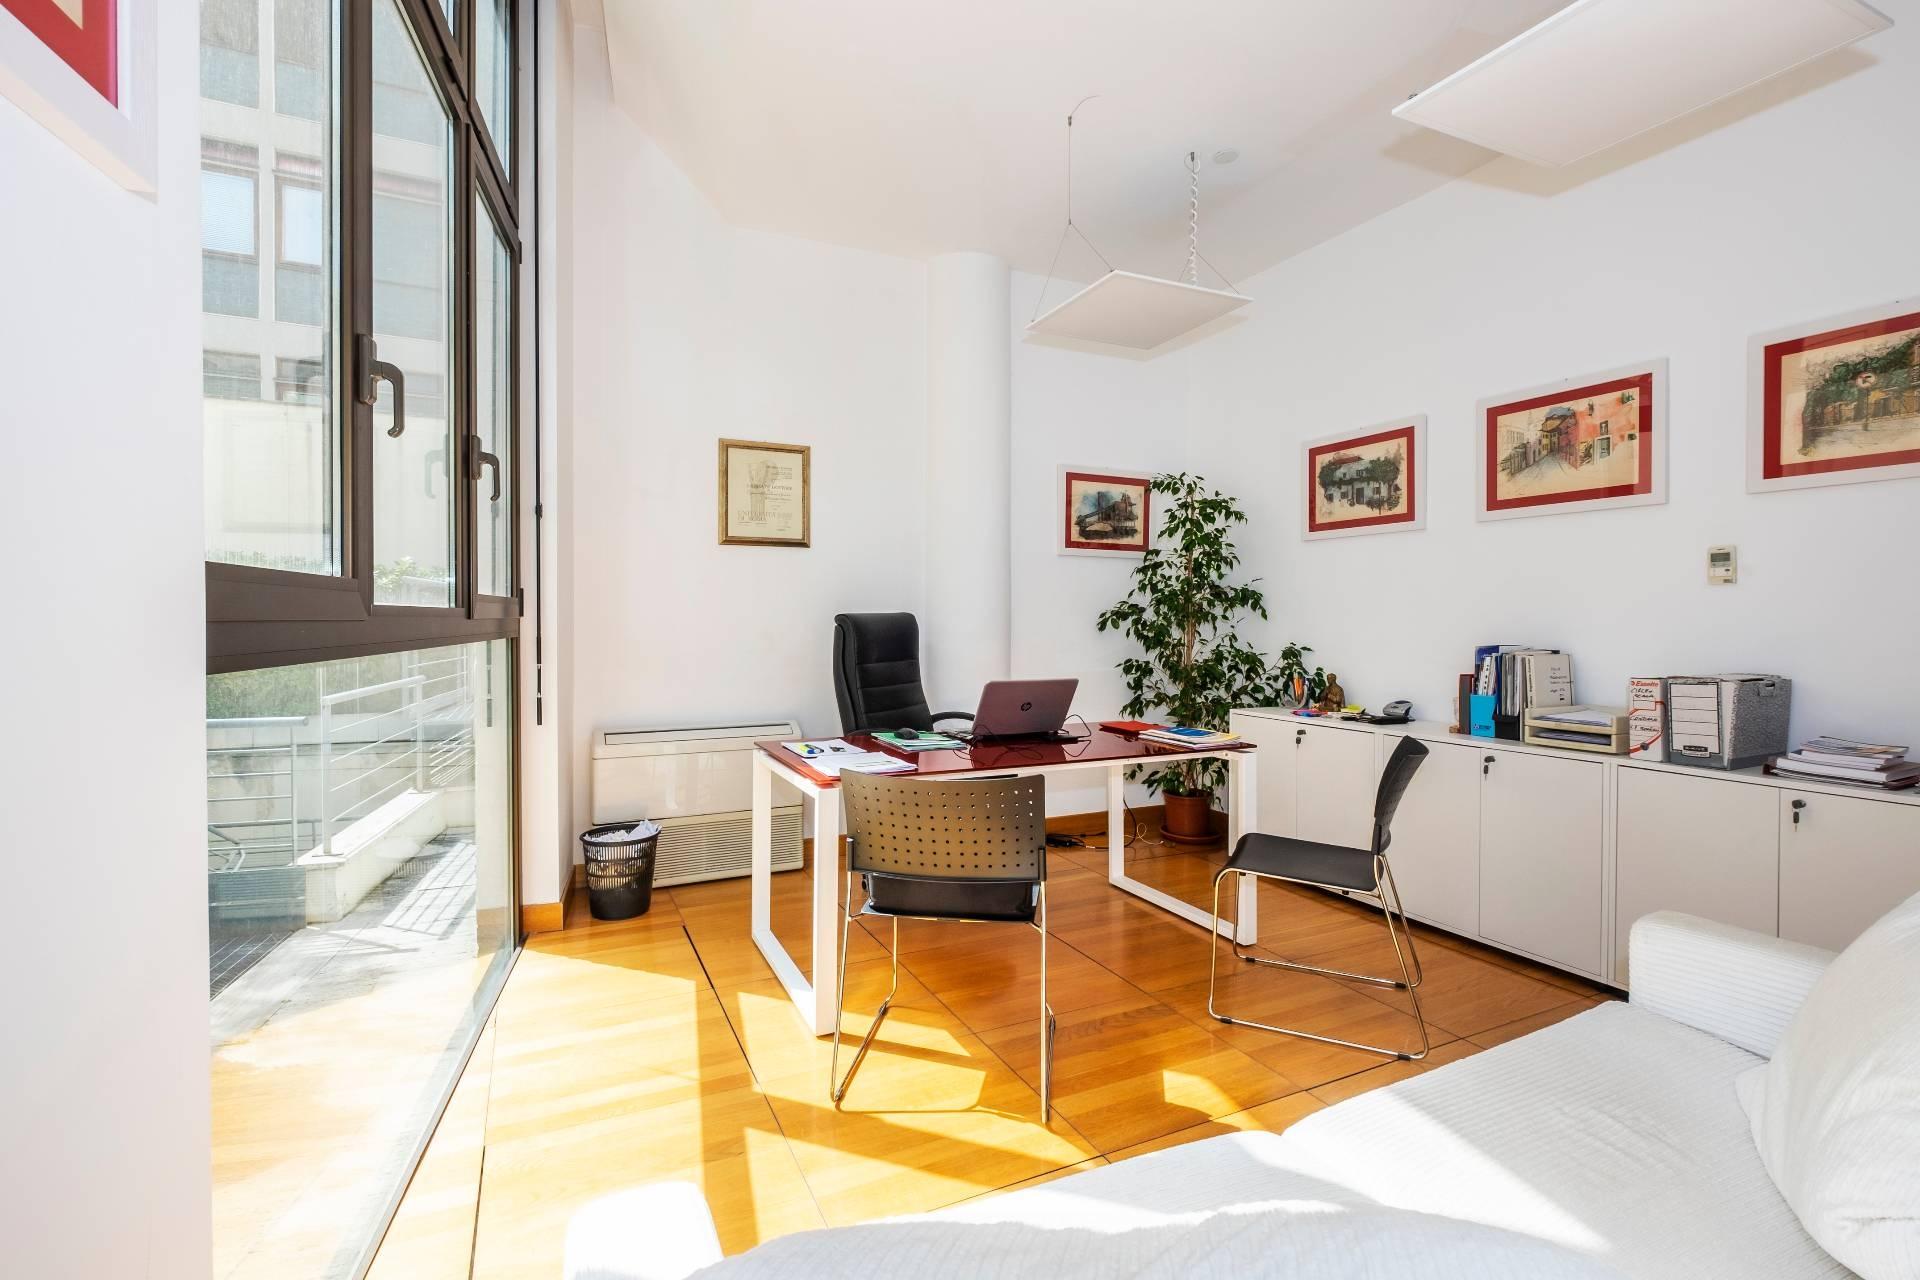 Appartamento in Vendita a Roma: 3 locali, 80 mq - Foto 1